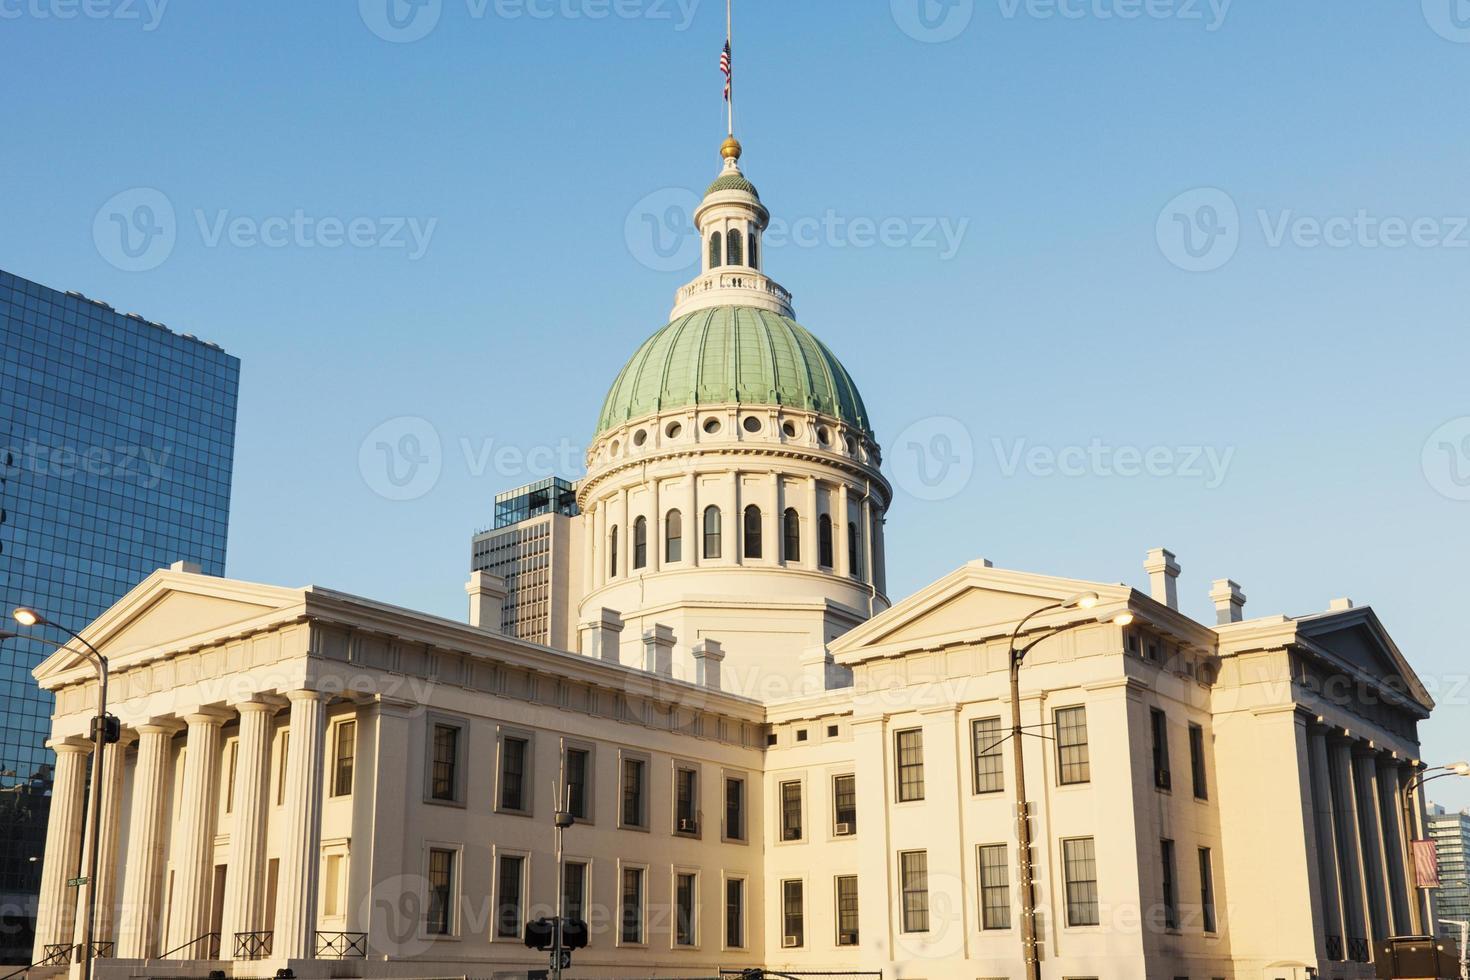 oud gerechtsgebouw in st. louis st. Louis, Missouri foto